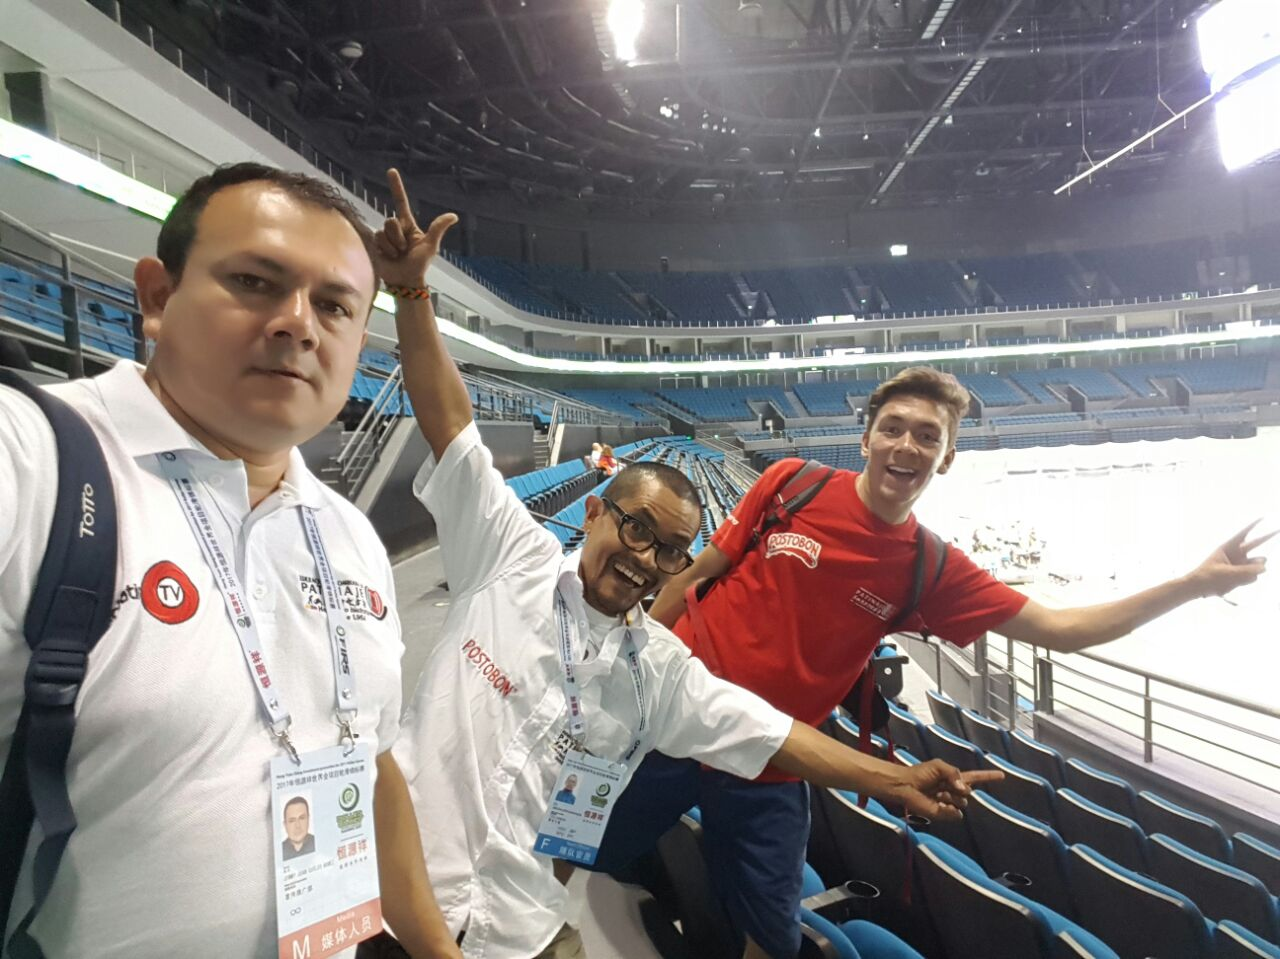 #EnAudio Jimmy Gómez, informe especial desde Naijing, China, Campeonatos Mundiales de Patinaje